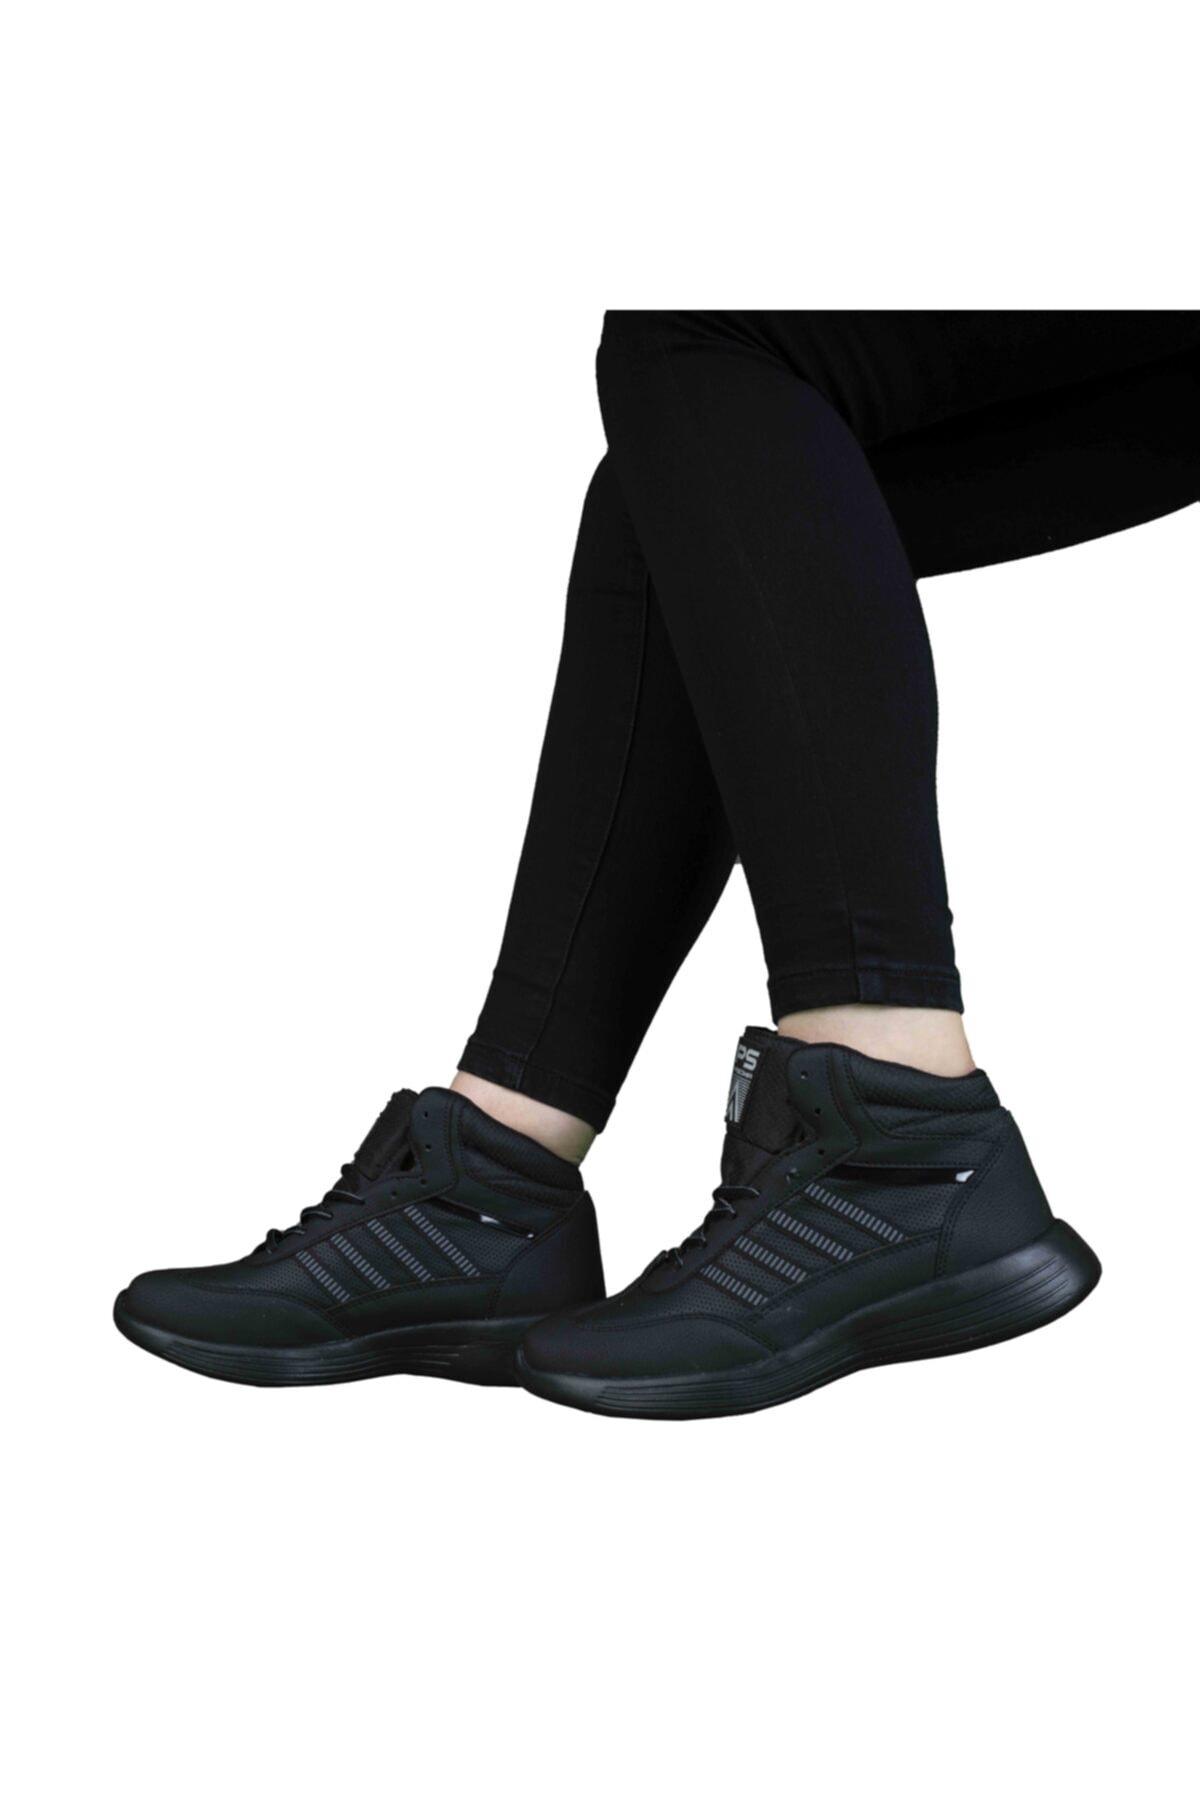 AVA Kadın Gri Dank Ayakkabı